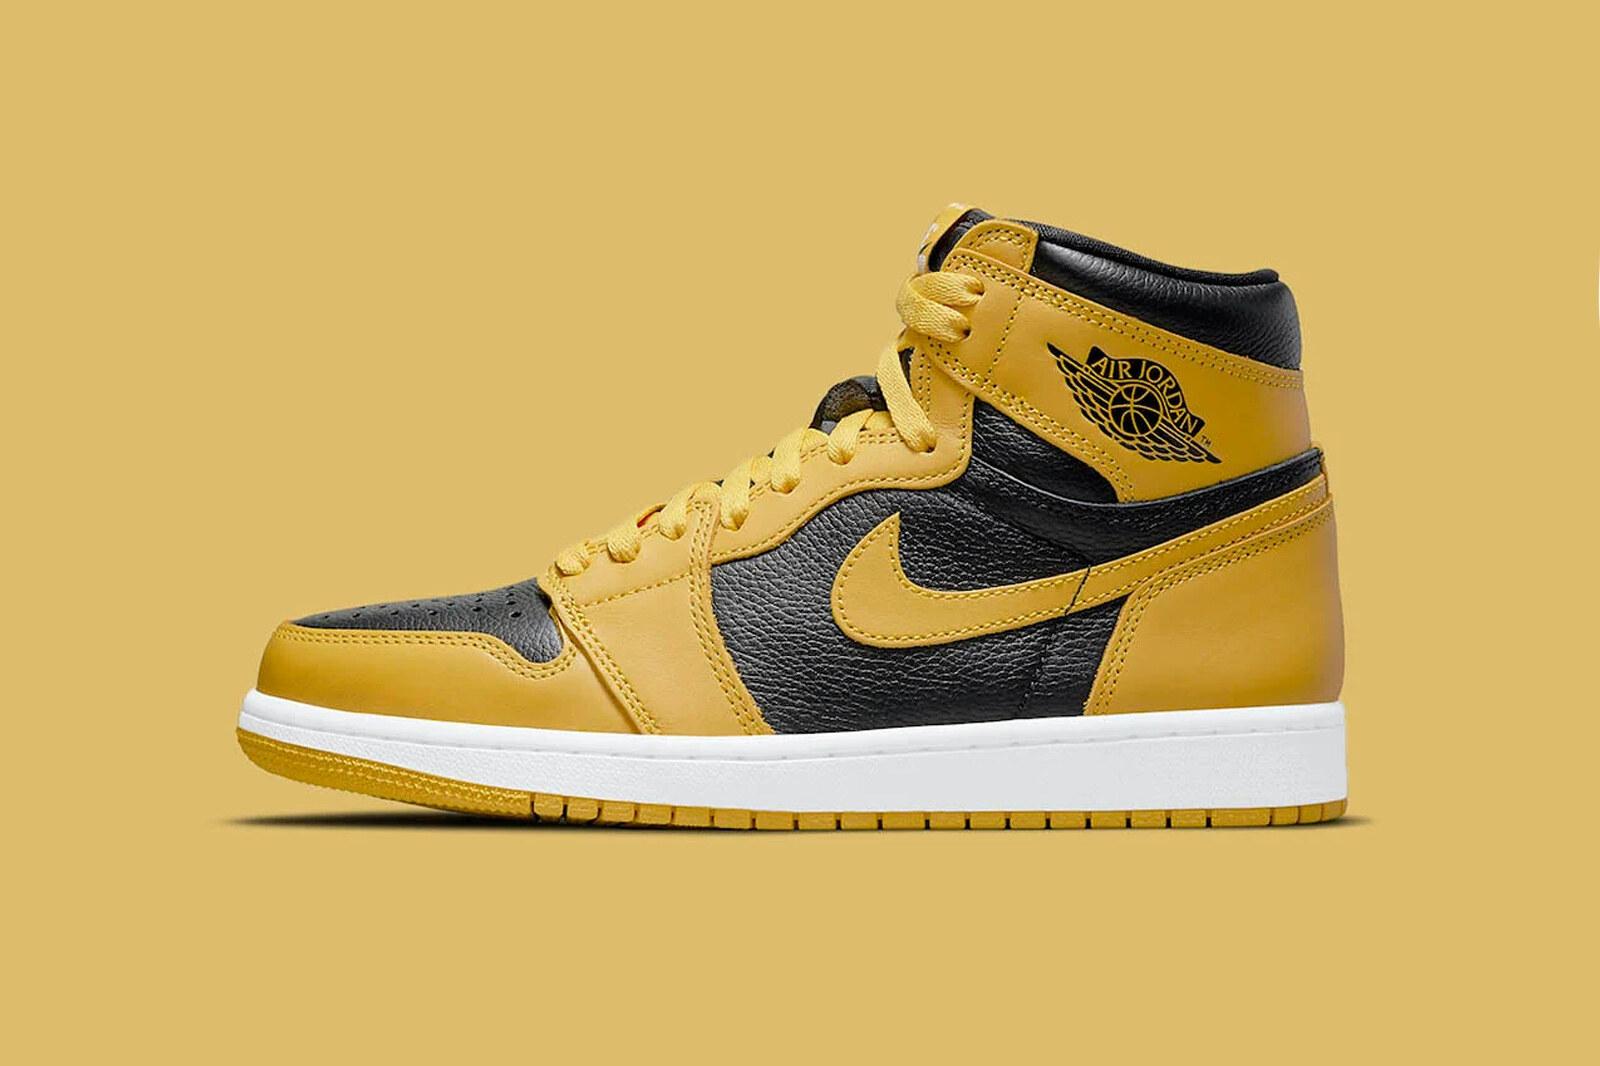 Air Jordan 1 High Pollen